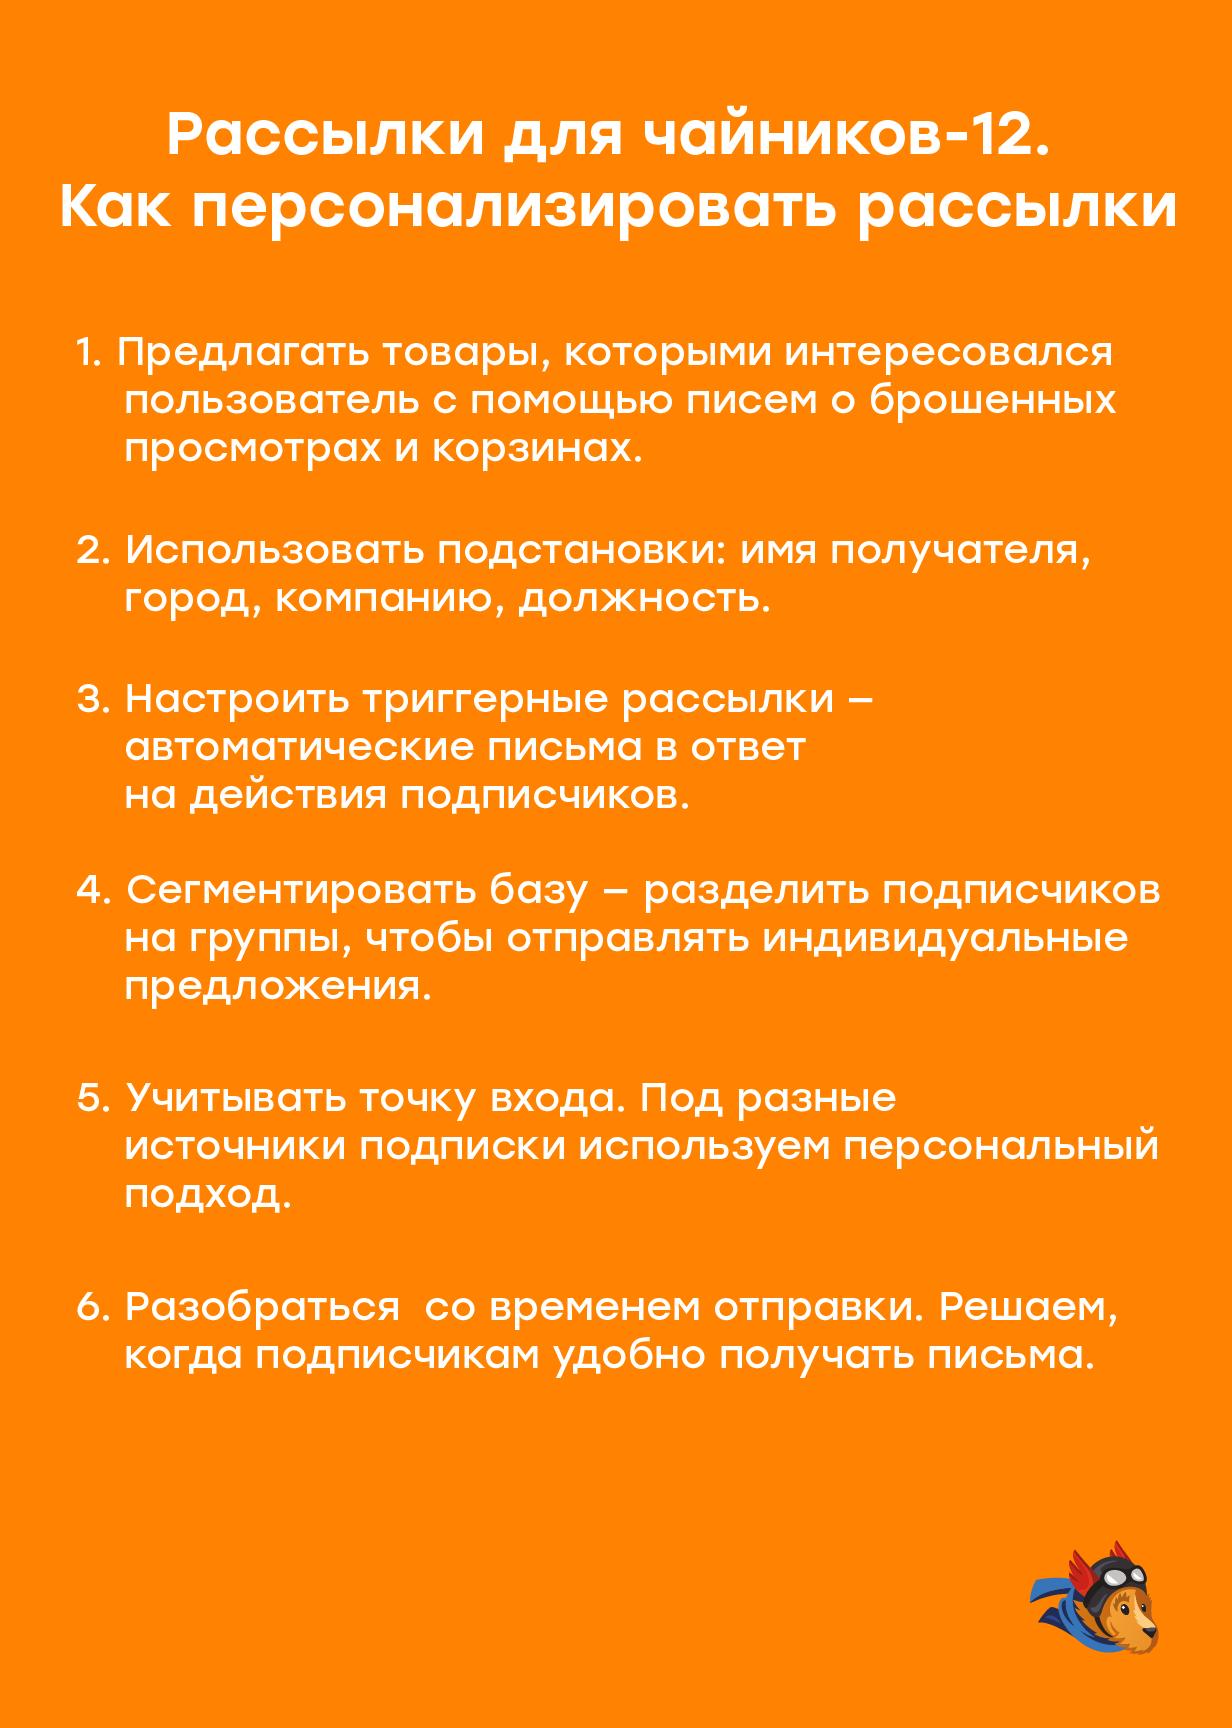 РДЧ-12